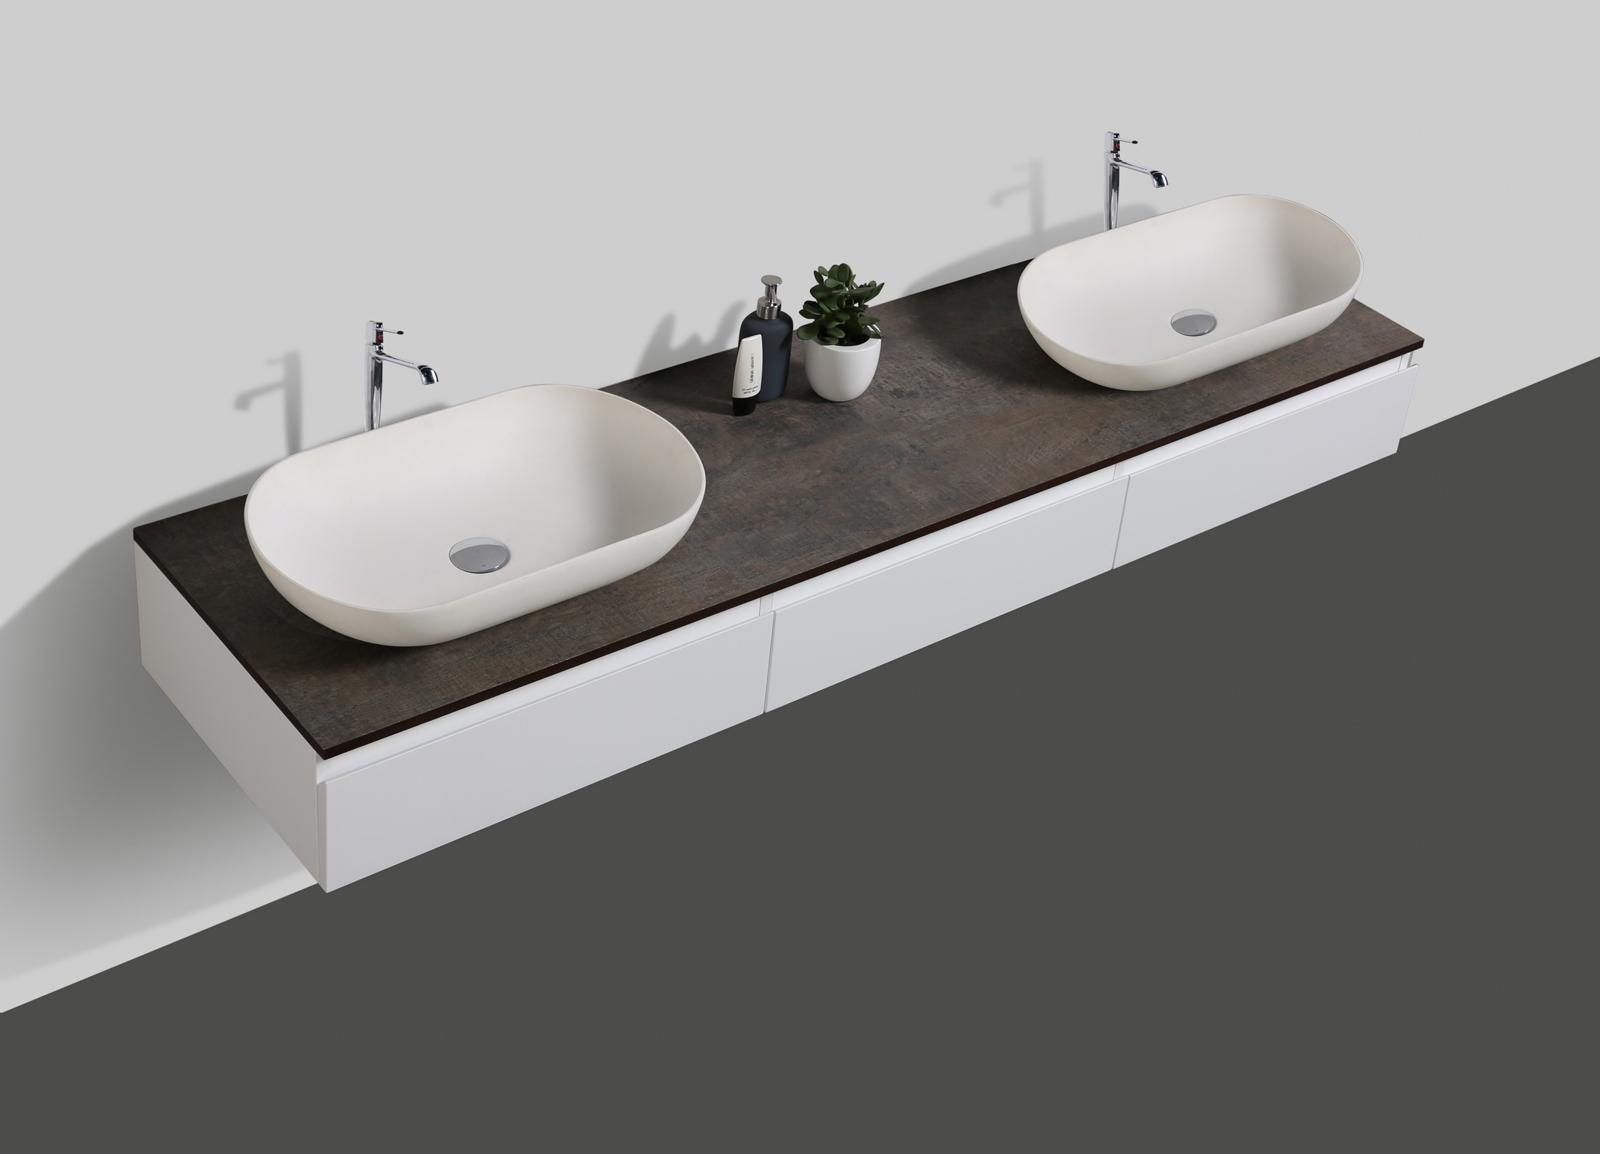 badm bel vision 180 cm wei spiegel aufsatzwaschbecken unterschrank waschtisch ebay